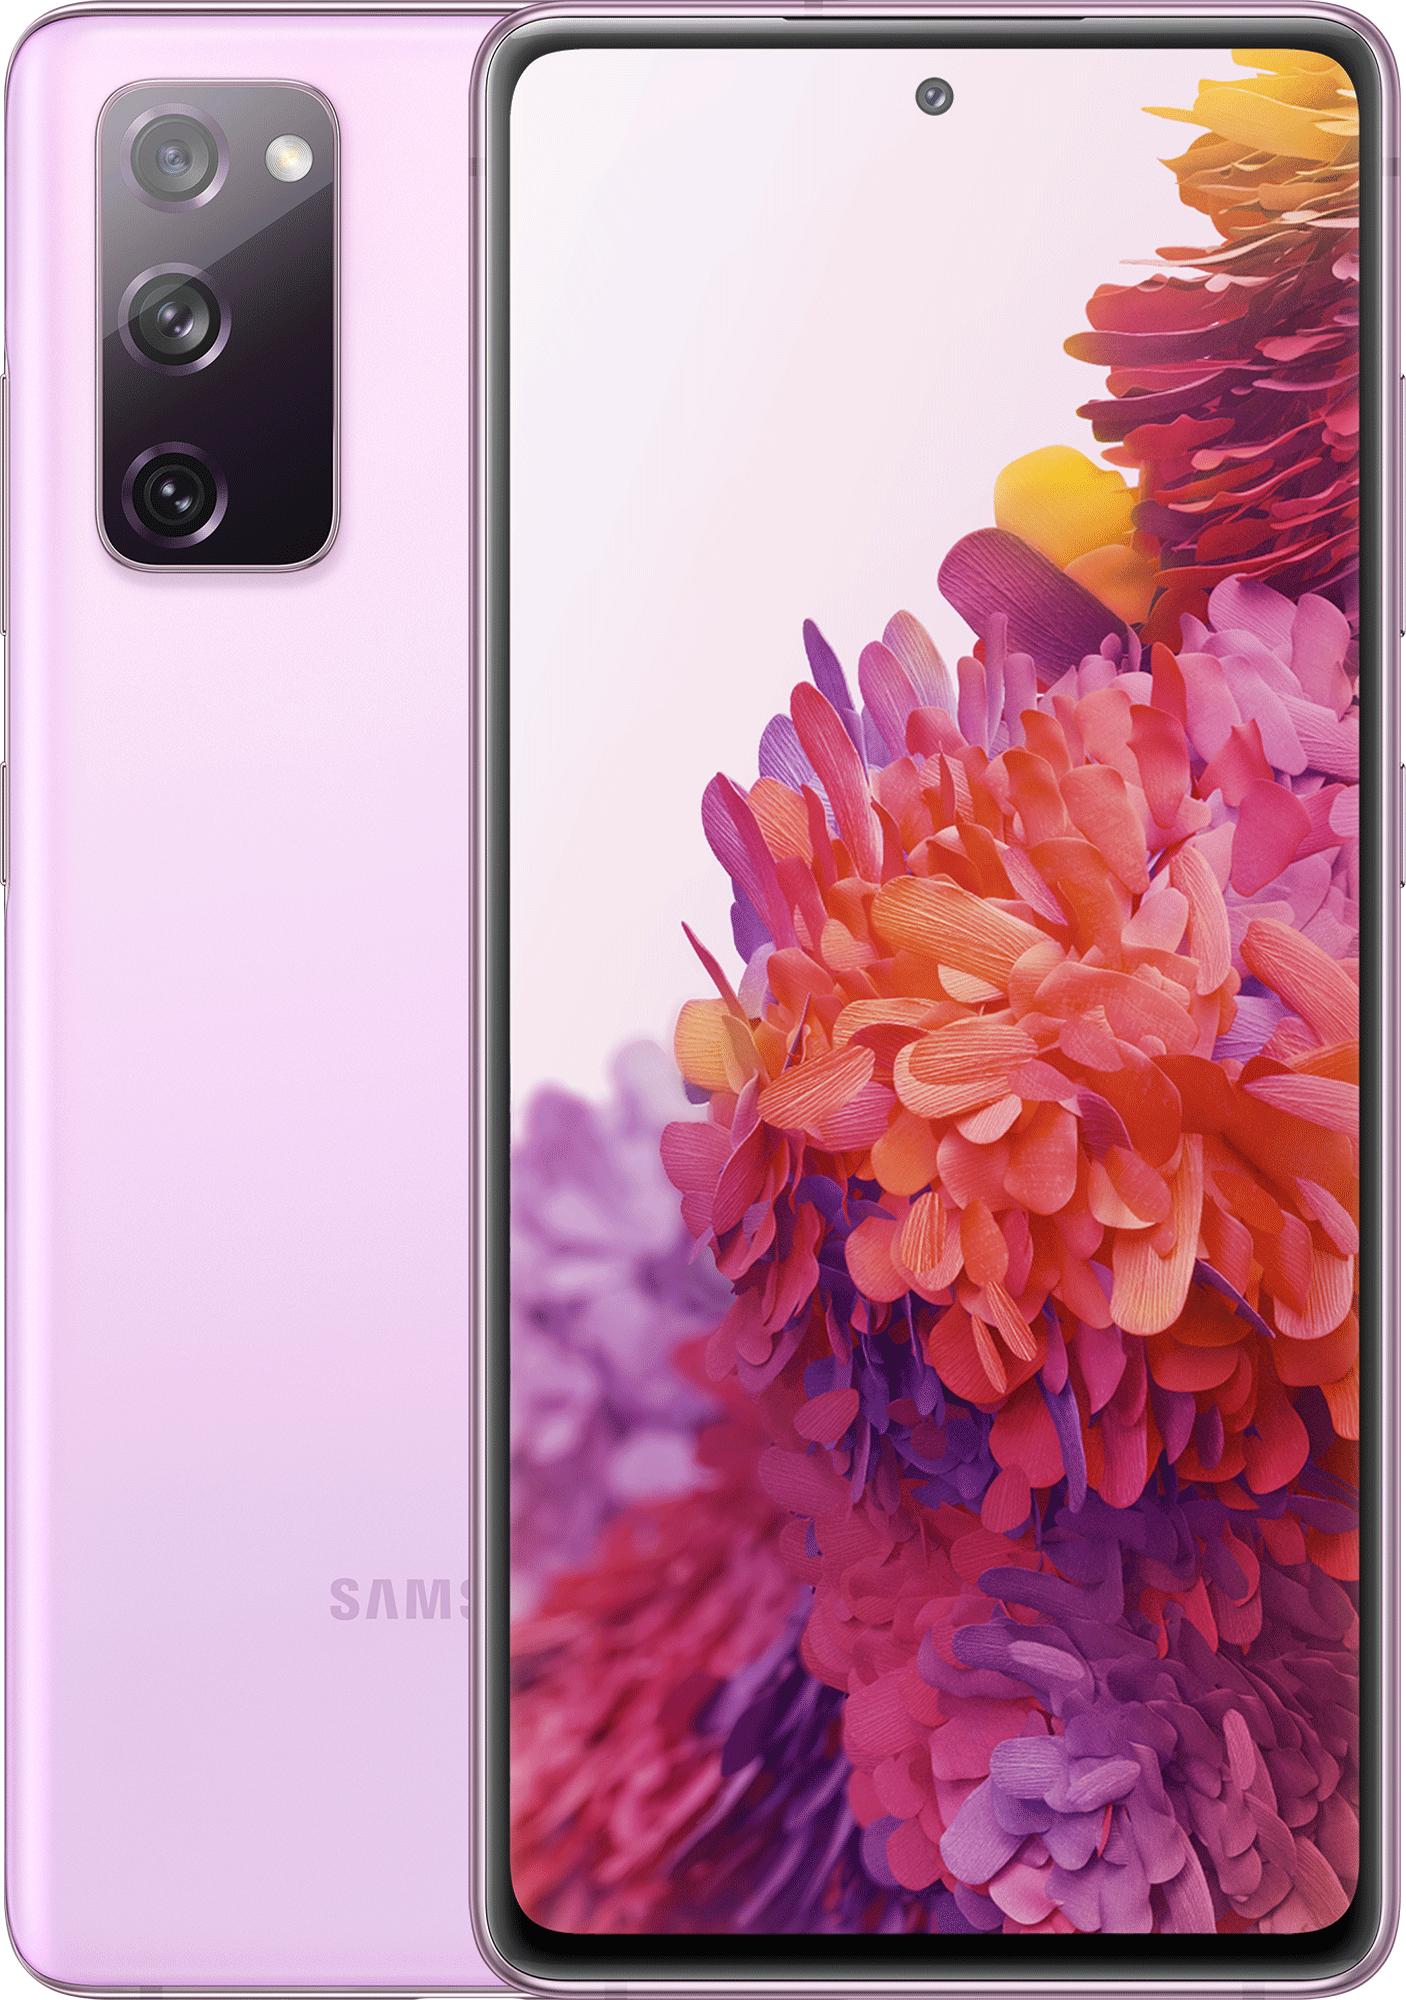 SAMSUNG Galaxy S20 FE – 128 GB Lila 4G